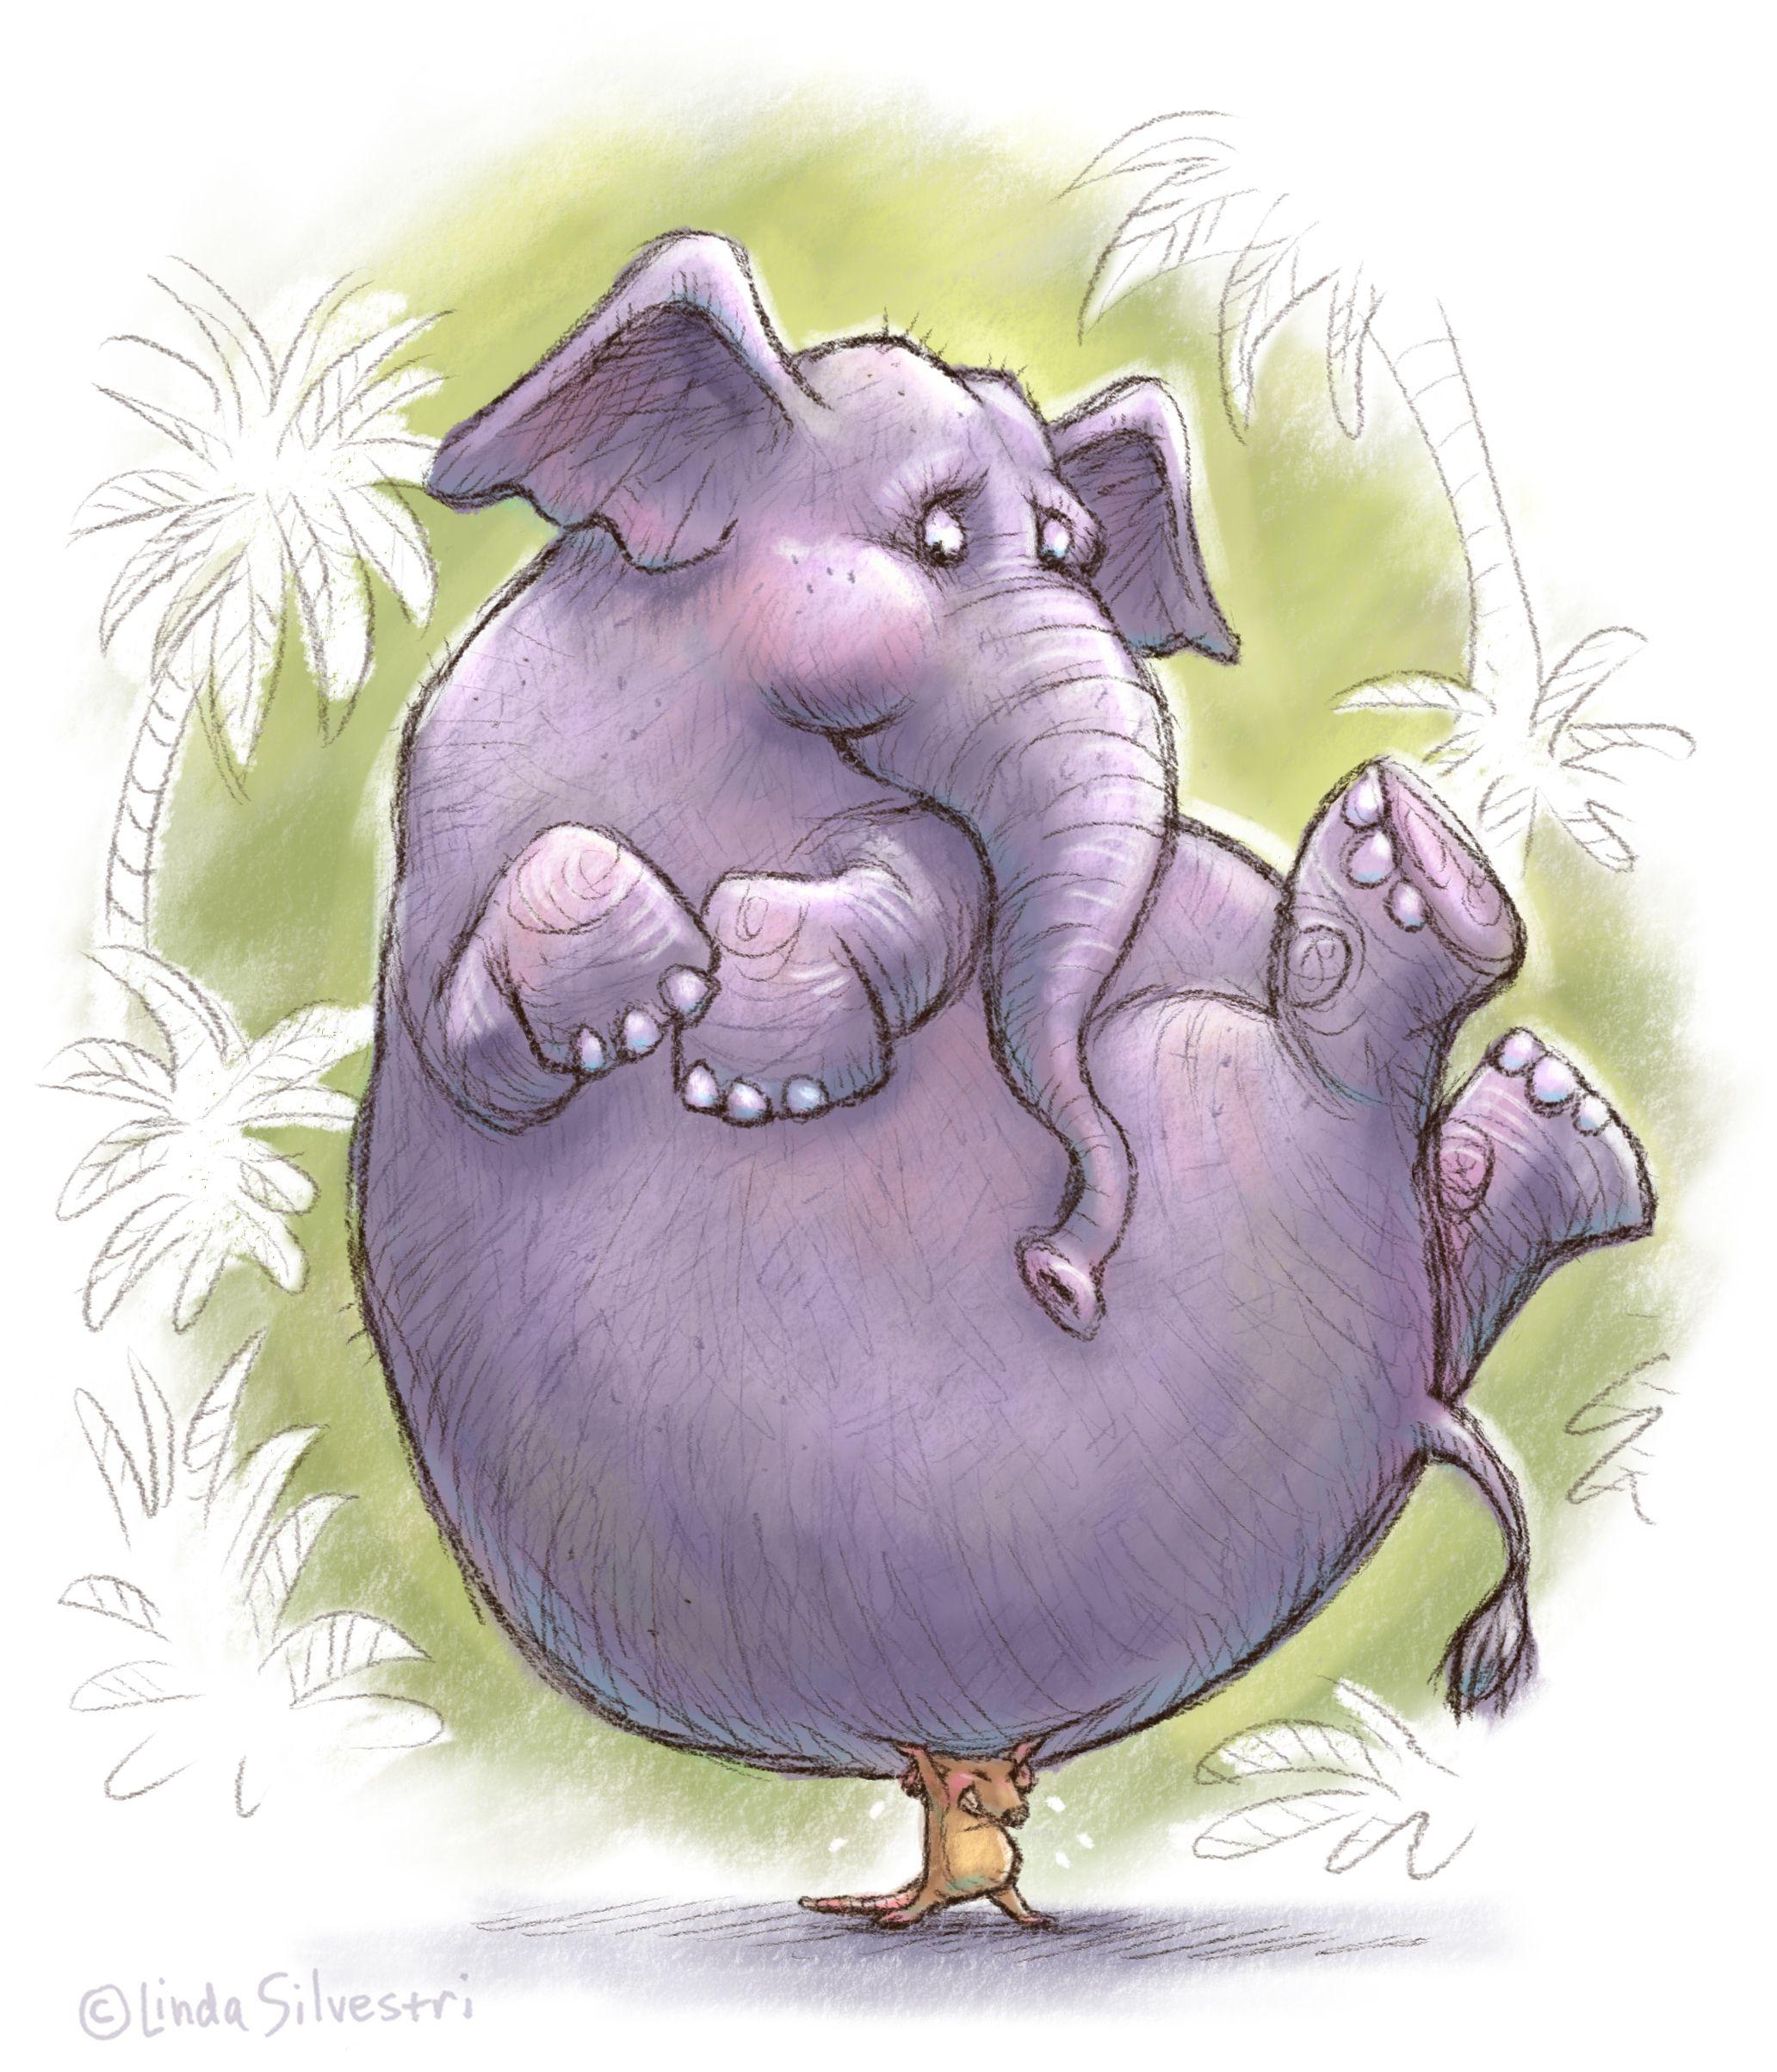 Картинки со слониками прикольные